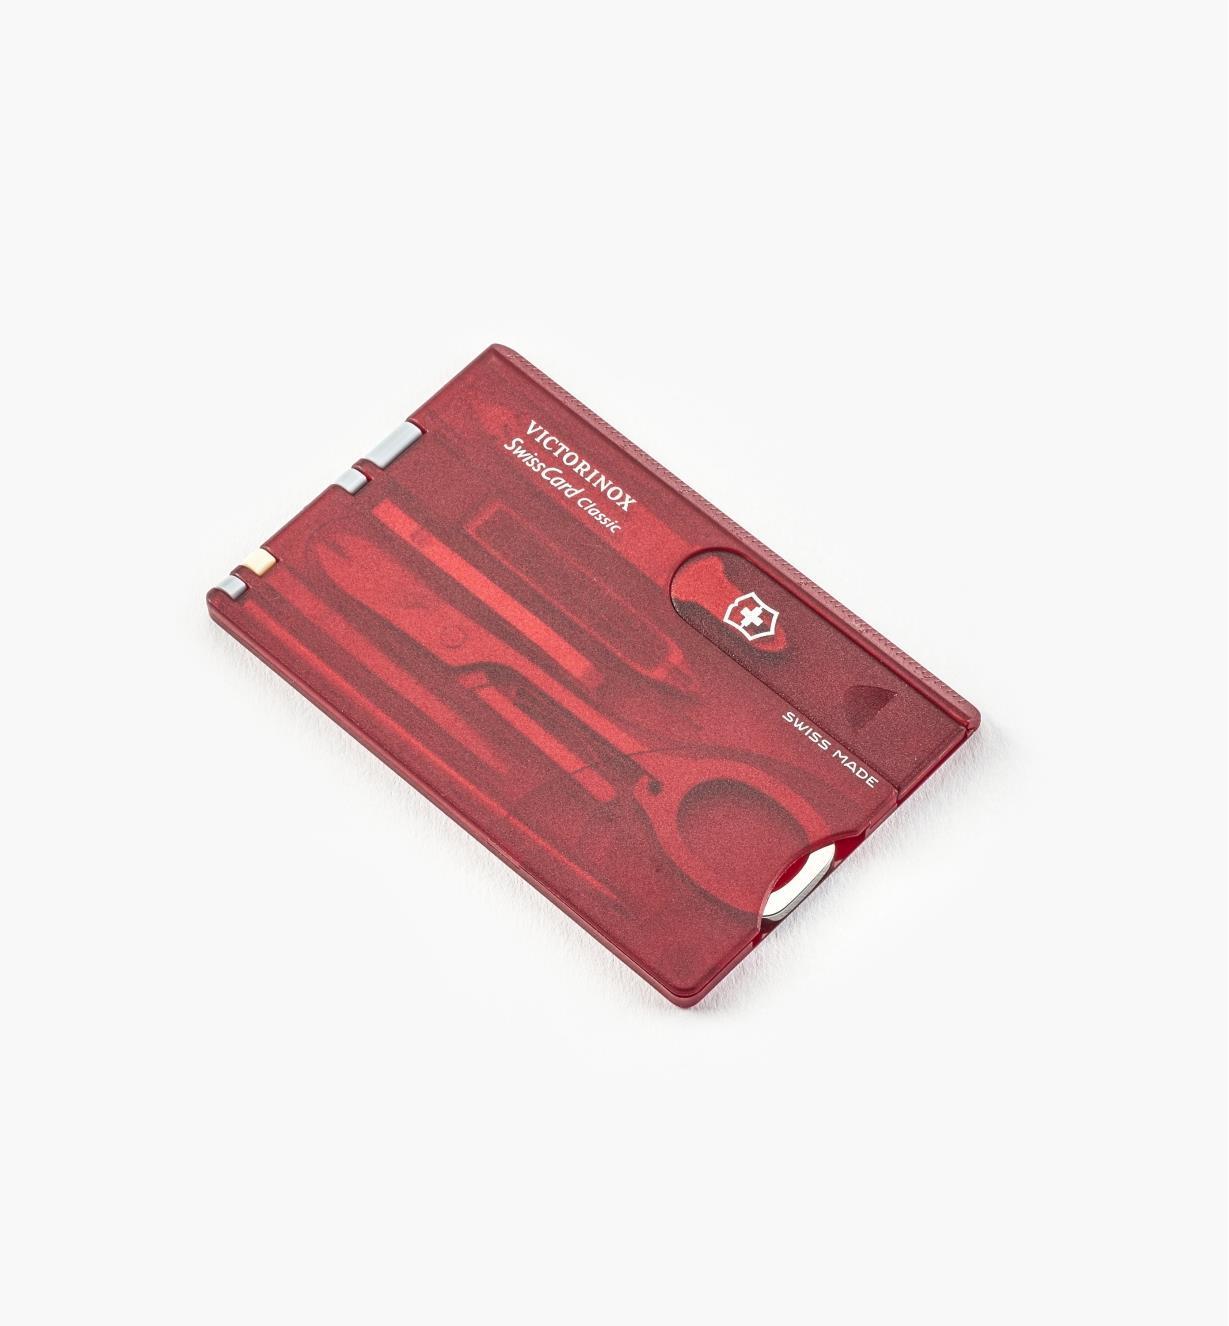 33N0770 - Ensemble d'outils suisse Victorinox